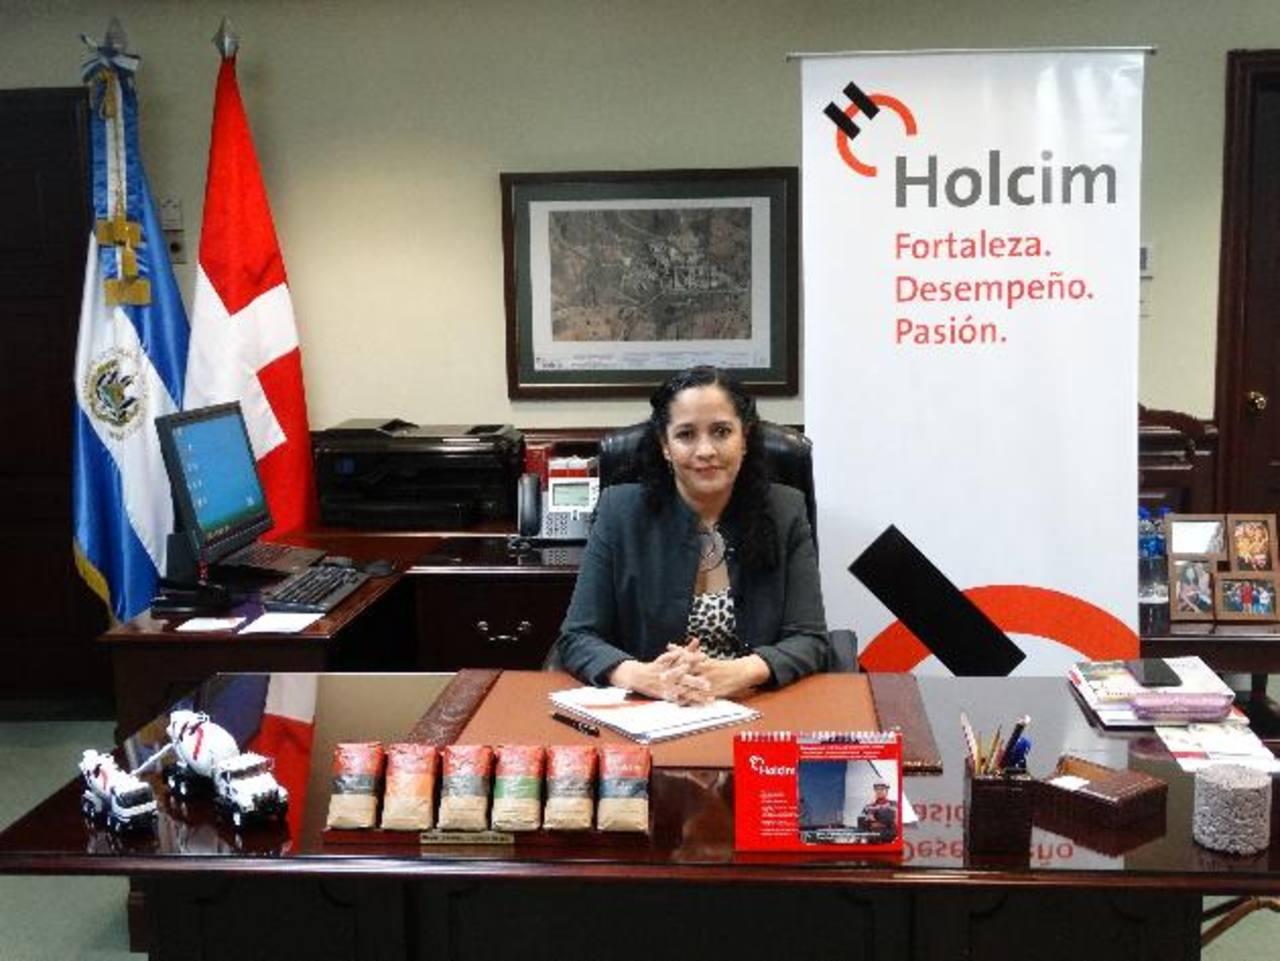 Dolores Prado, la nueva directora ejecutiva de Holcim El Salvador, asumió el cargo este año, procedente de Nicaragua, país donde fundó las operaciones de Holcim y para las cuales trabajó 16 años. foto Cortesía